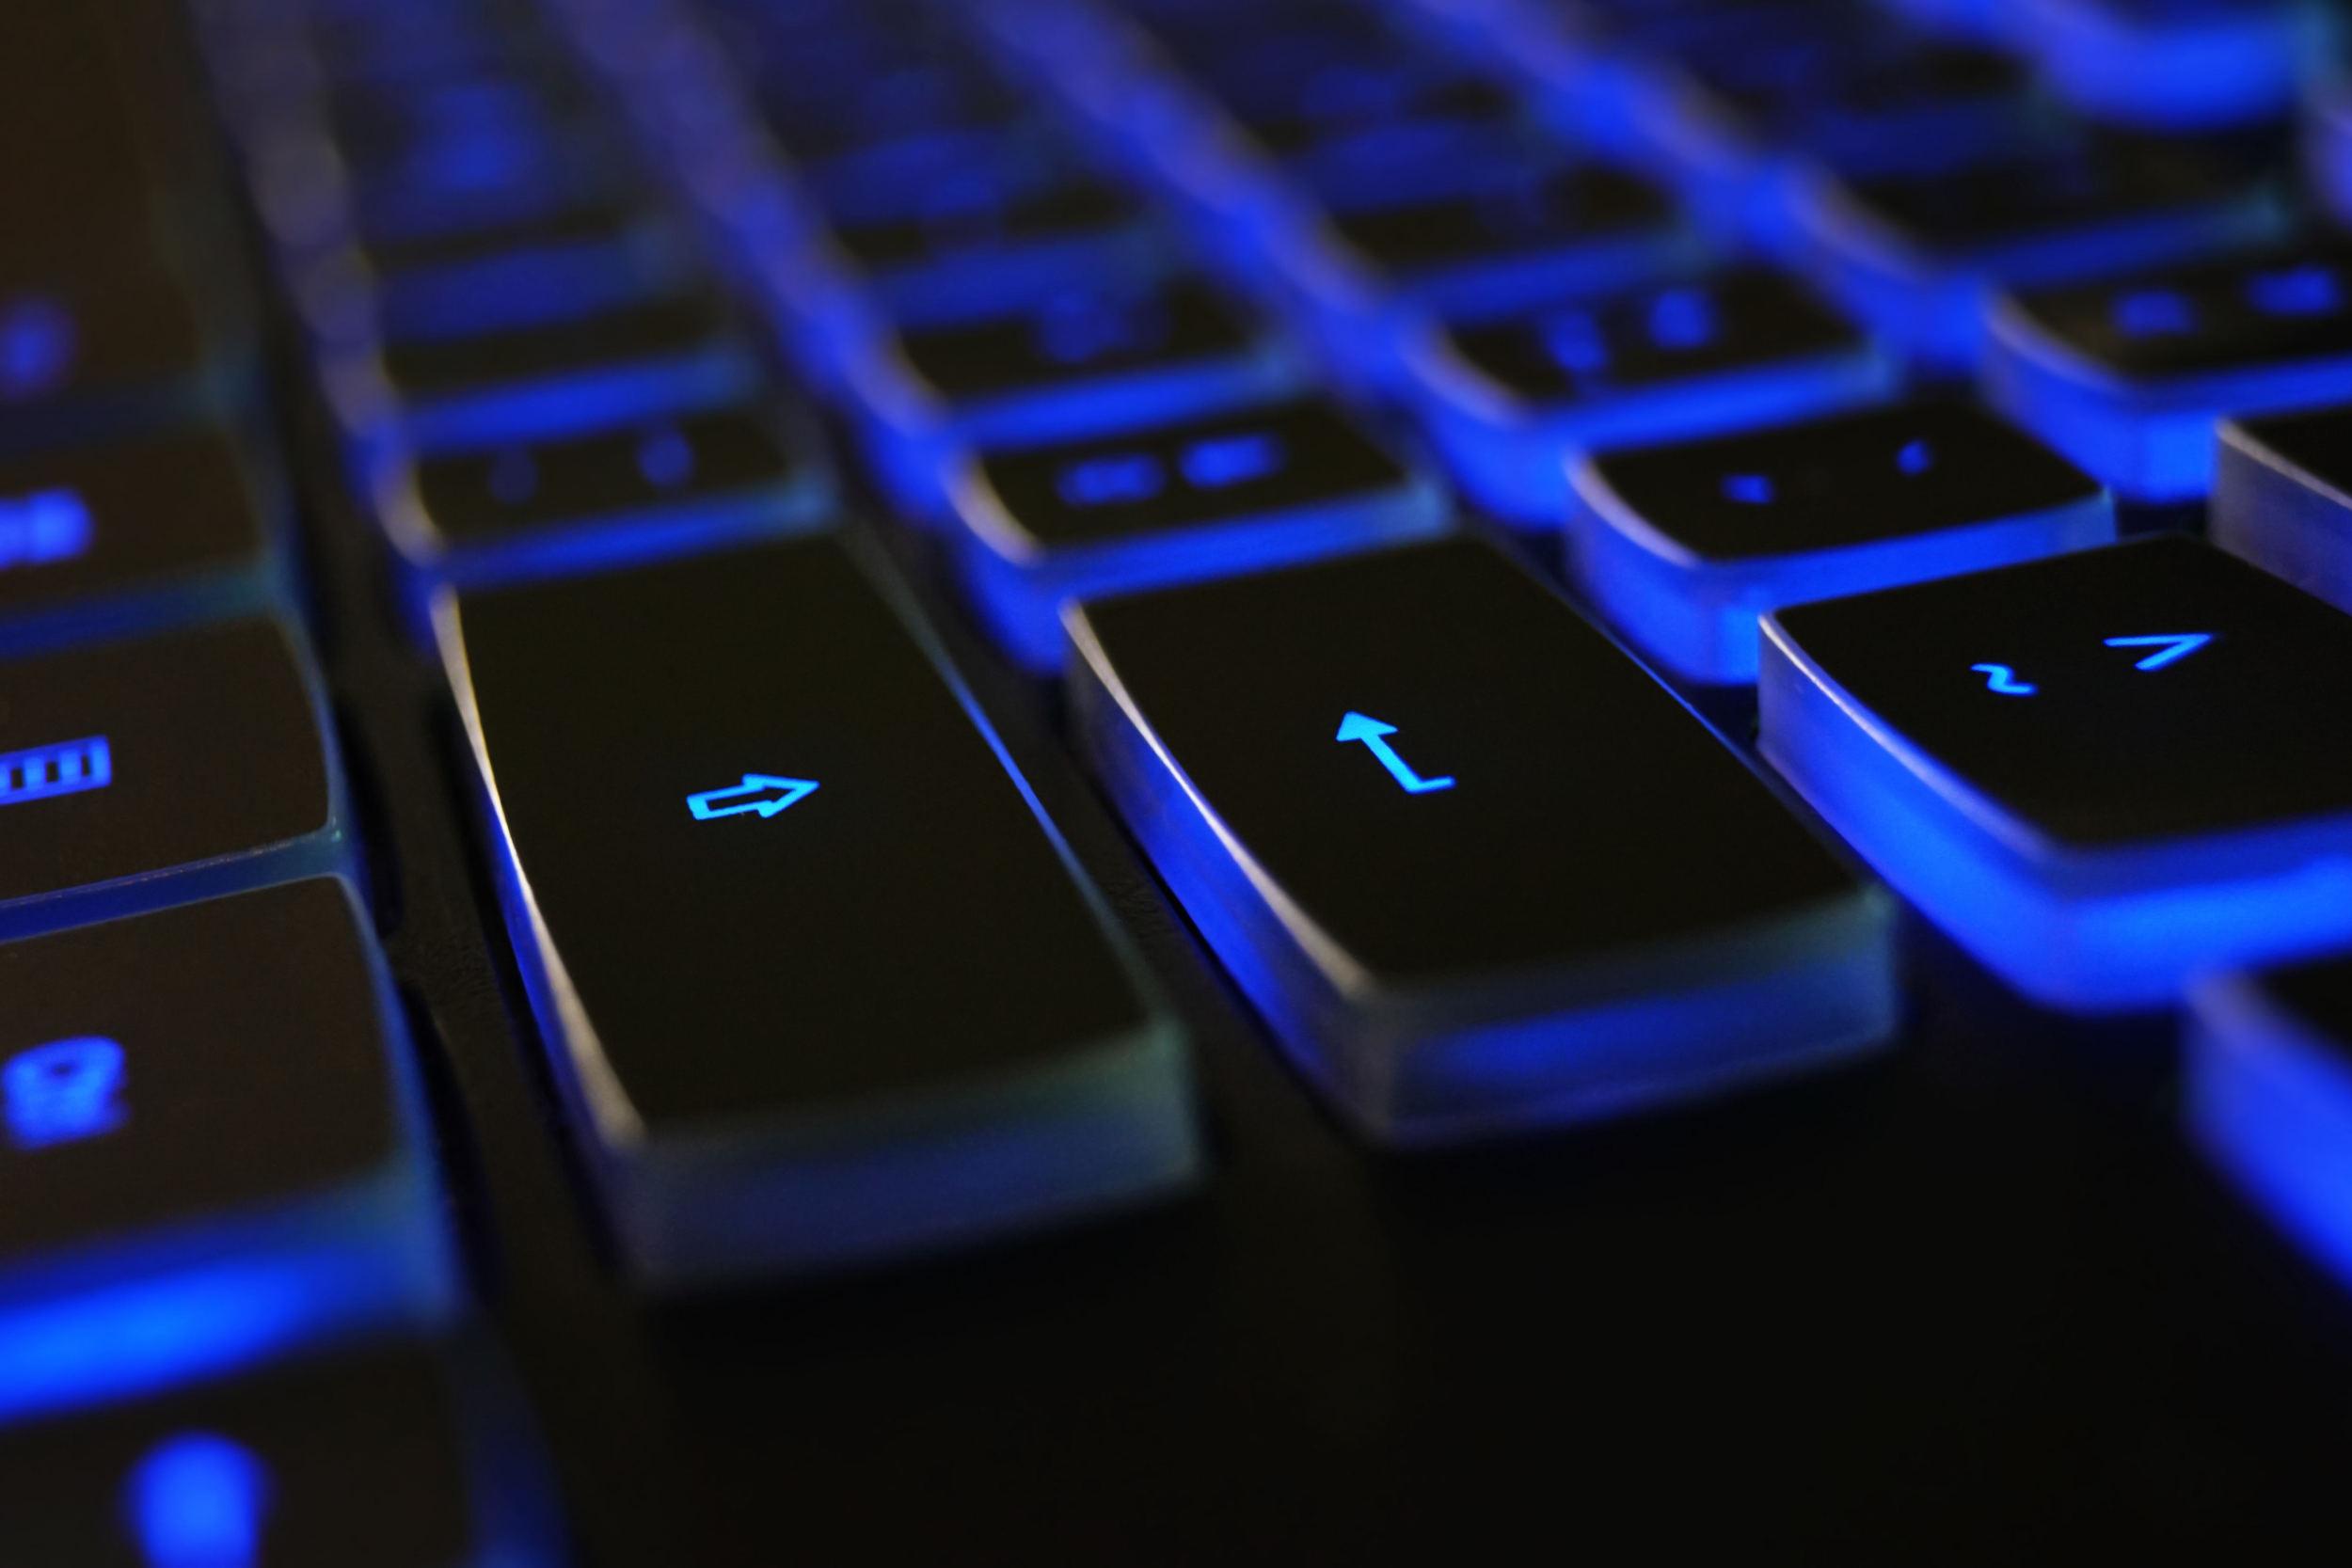 Giammar - consulenza informatica in outsourcing a Ravenna